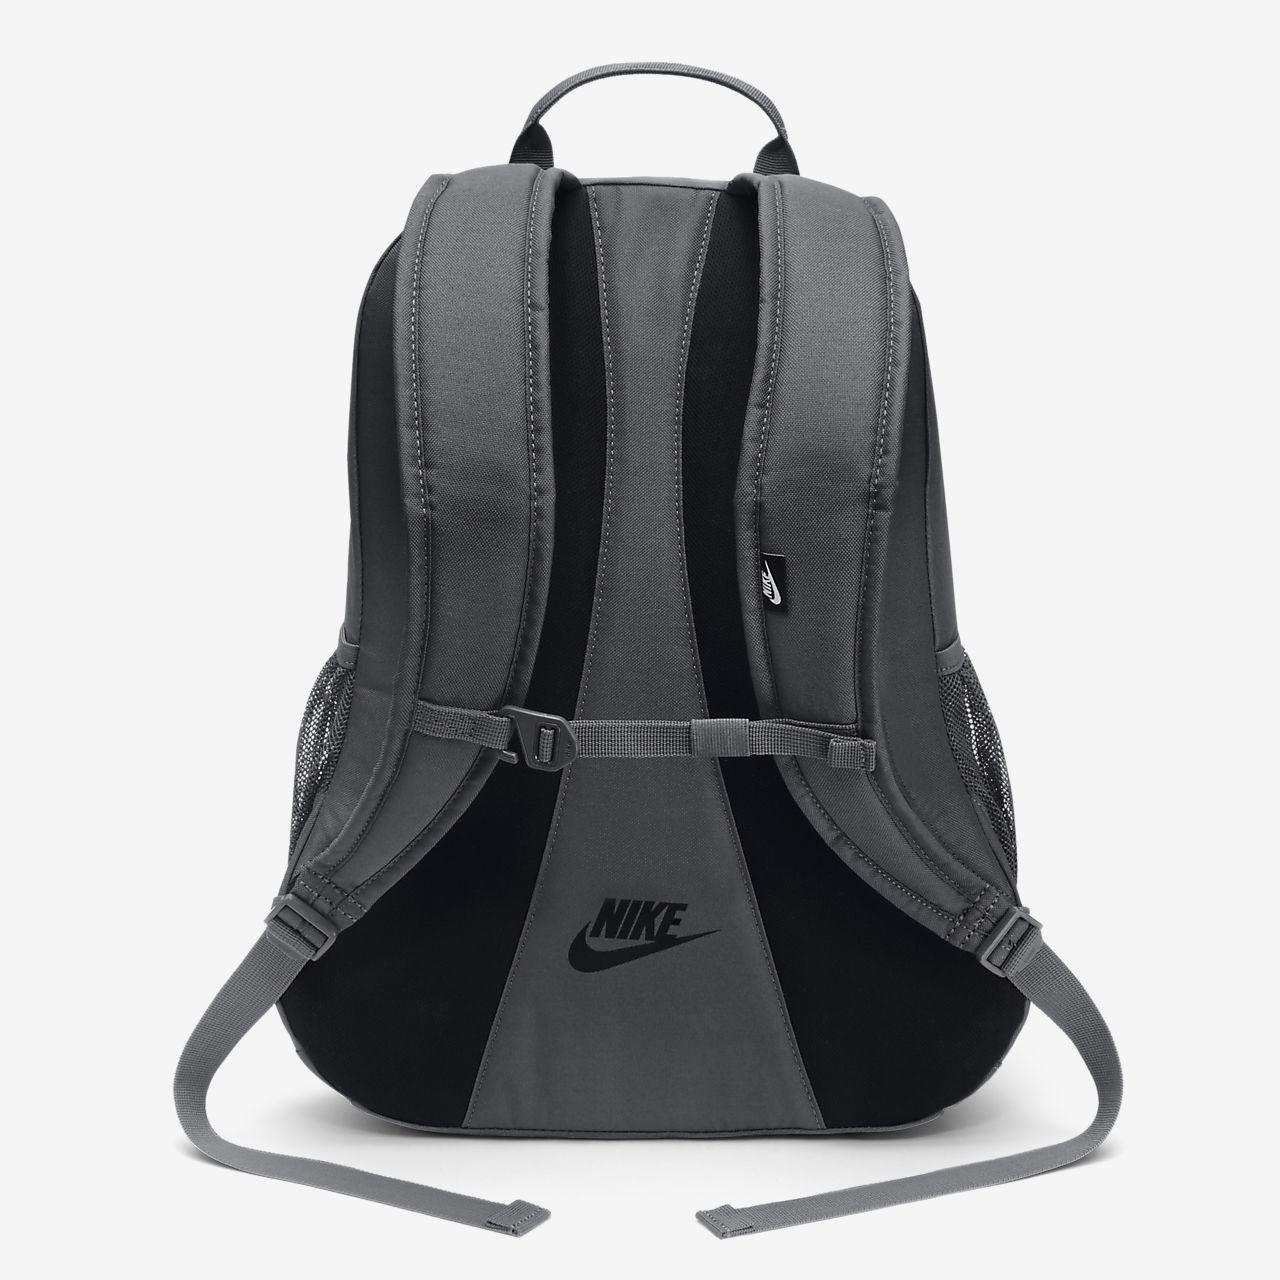 Nike Sport Hayward Futura 2.0 Rucksack Schwarz günstig kaufen Rucksack